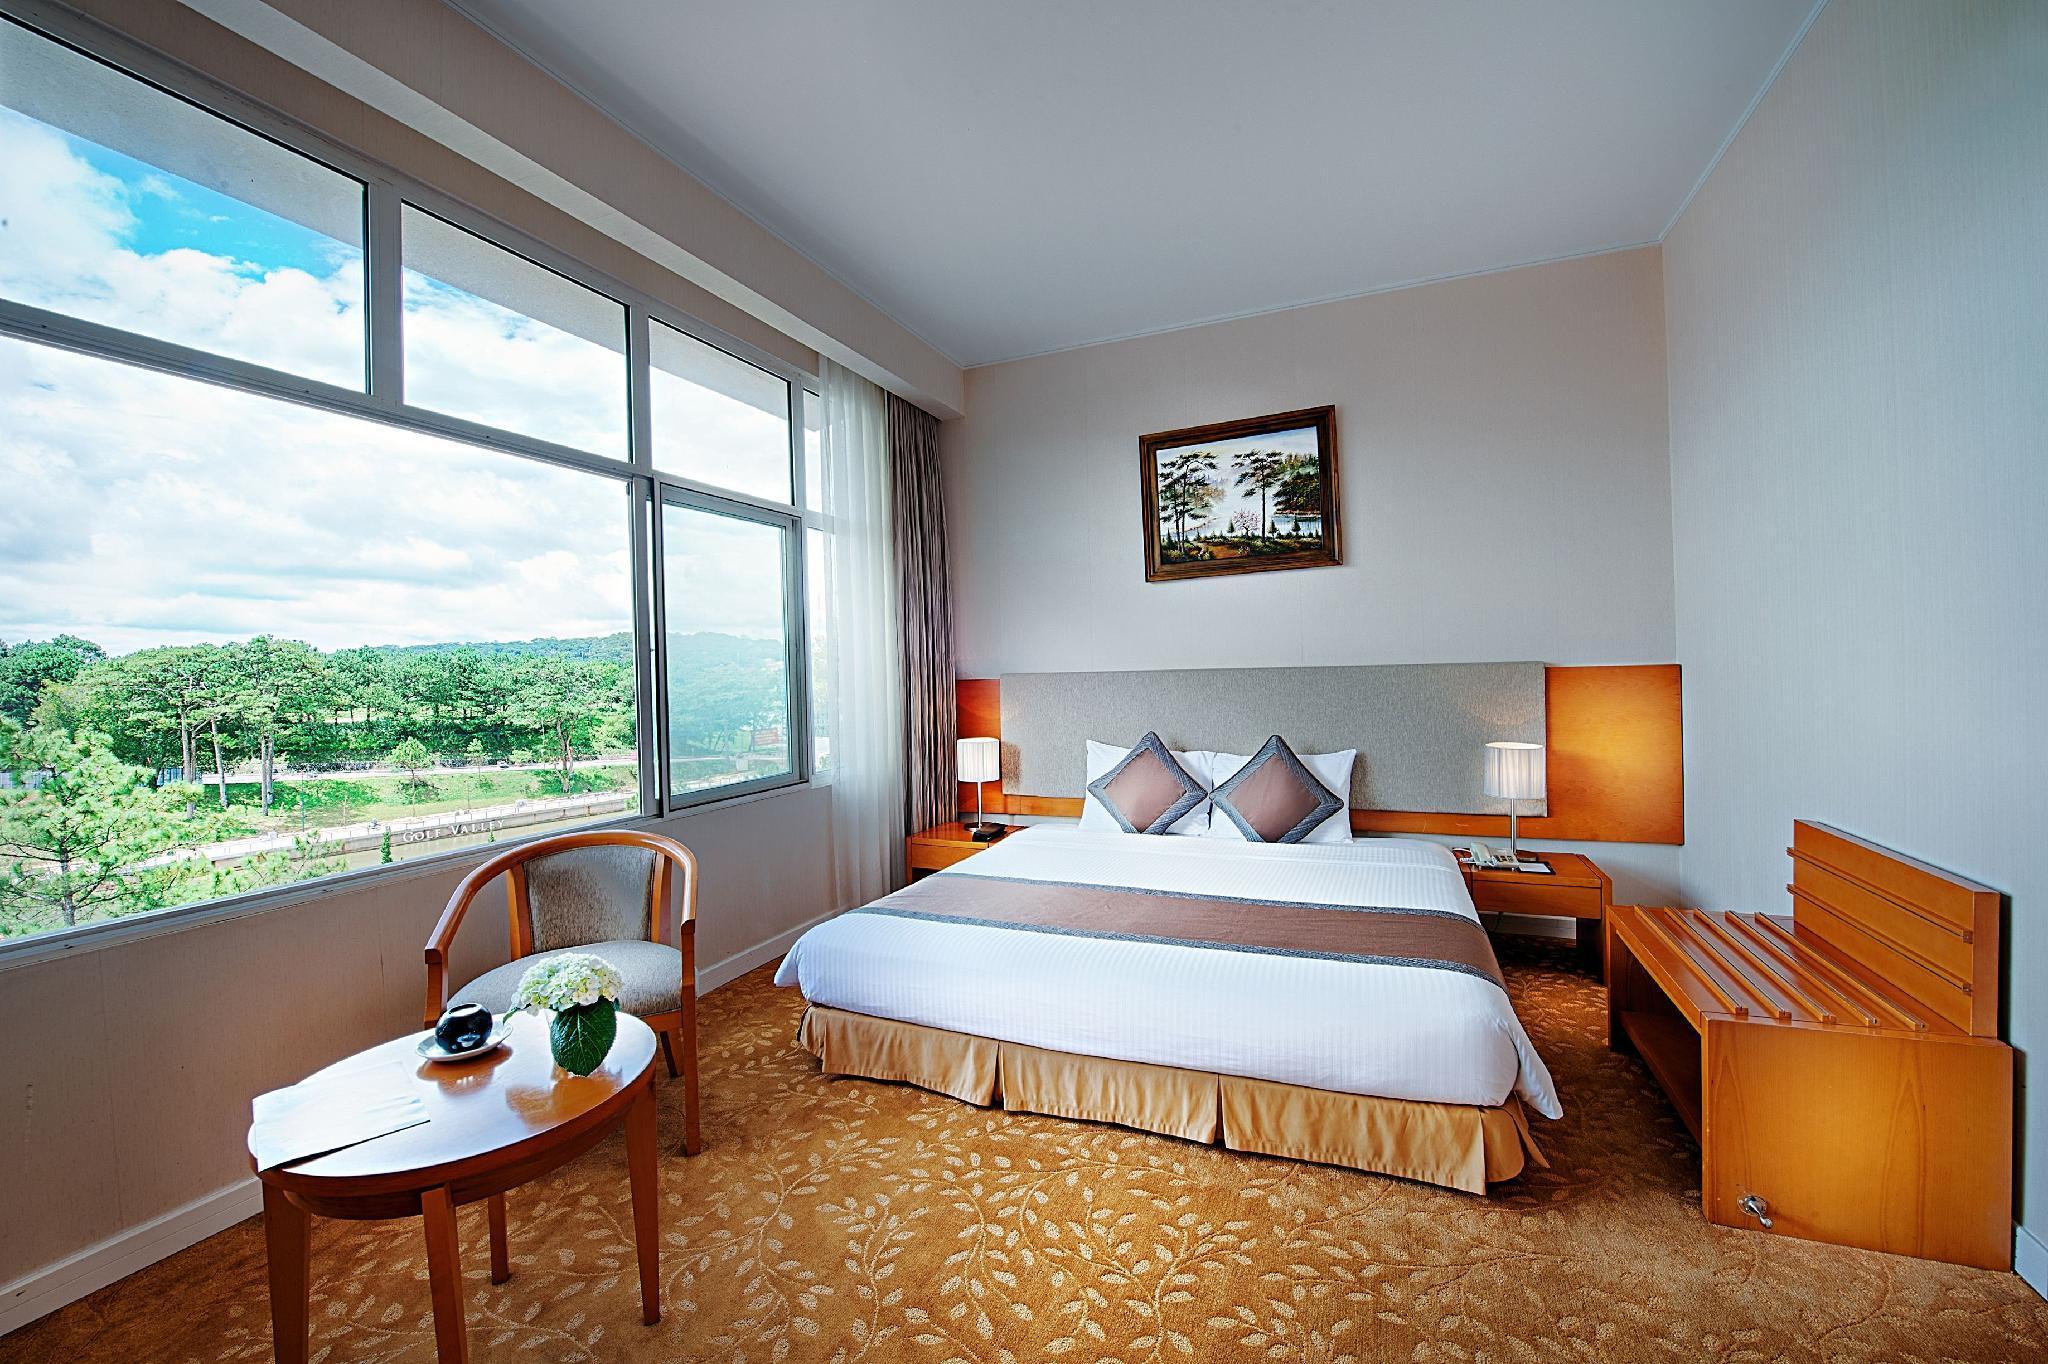 Tiện nghi phòng khách sạn Mường Thanh Holiday Đà Lạt